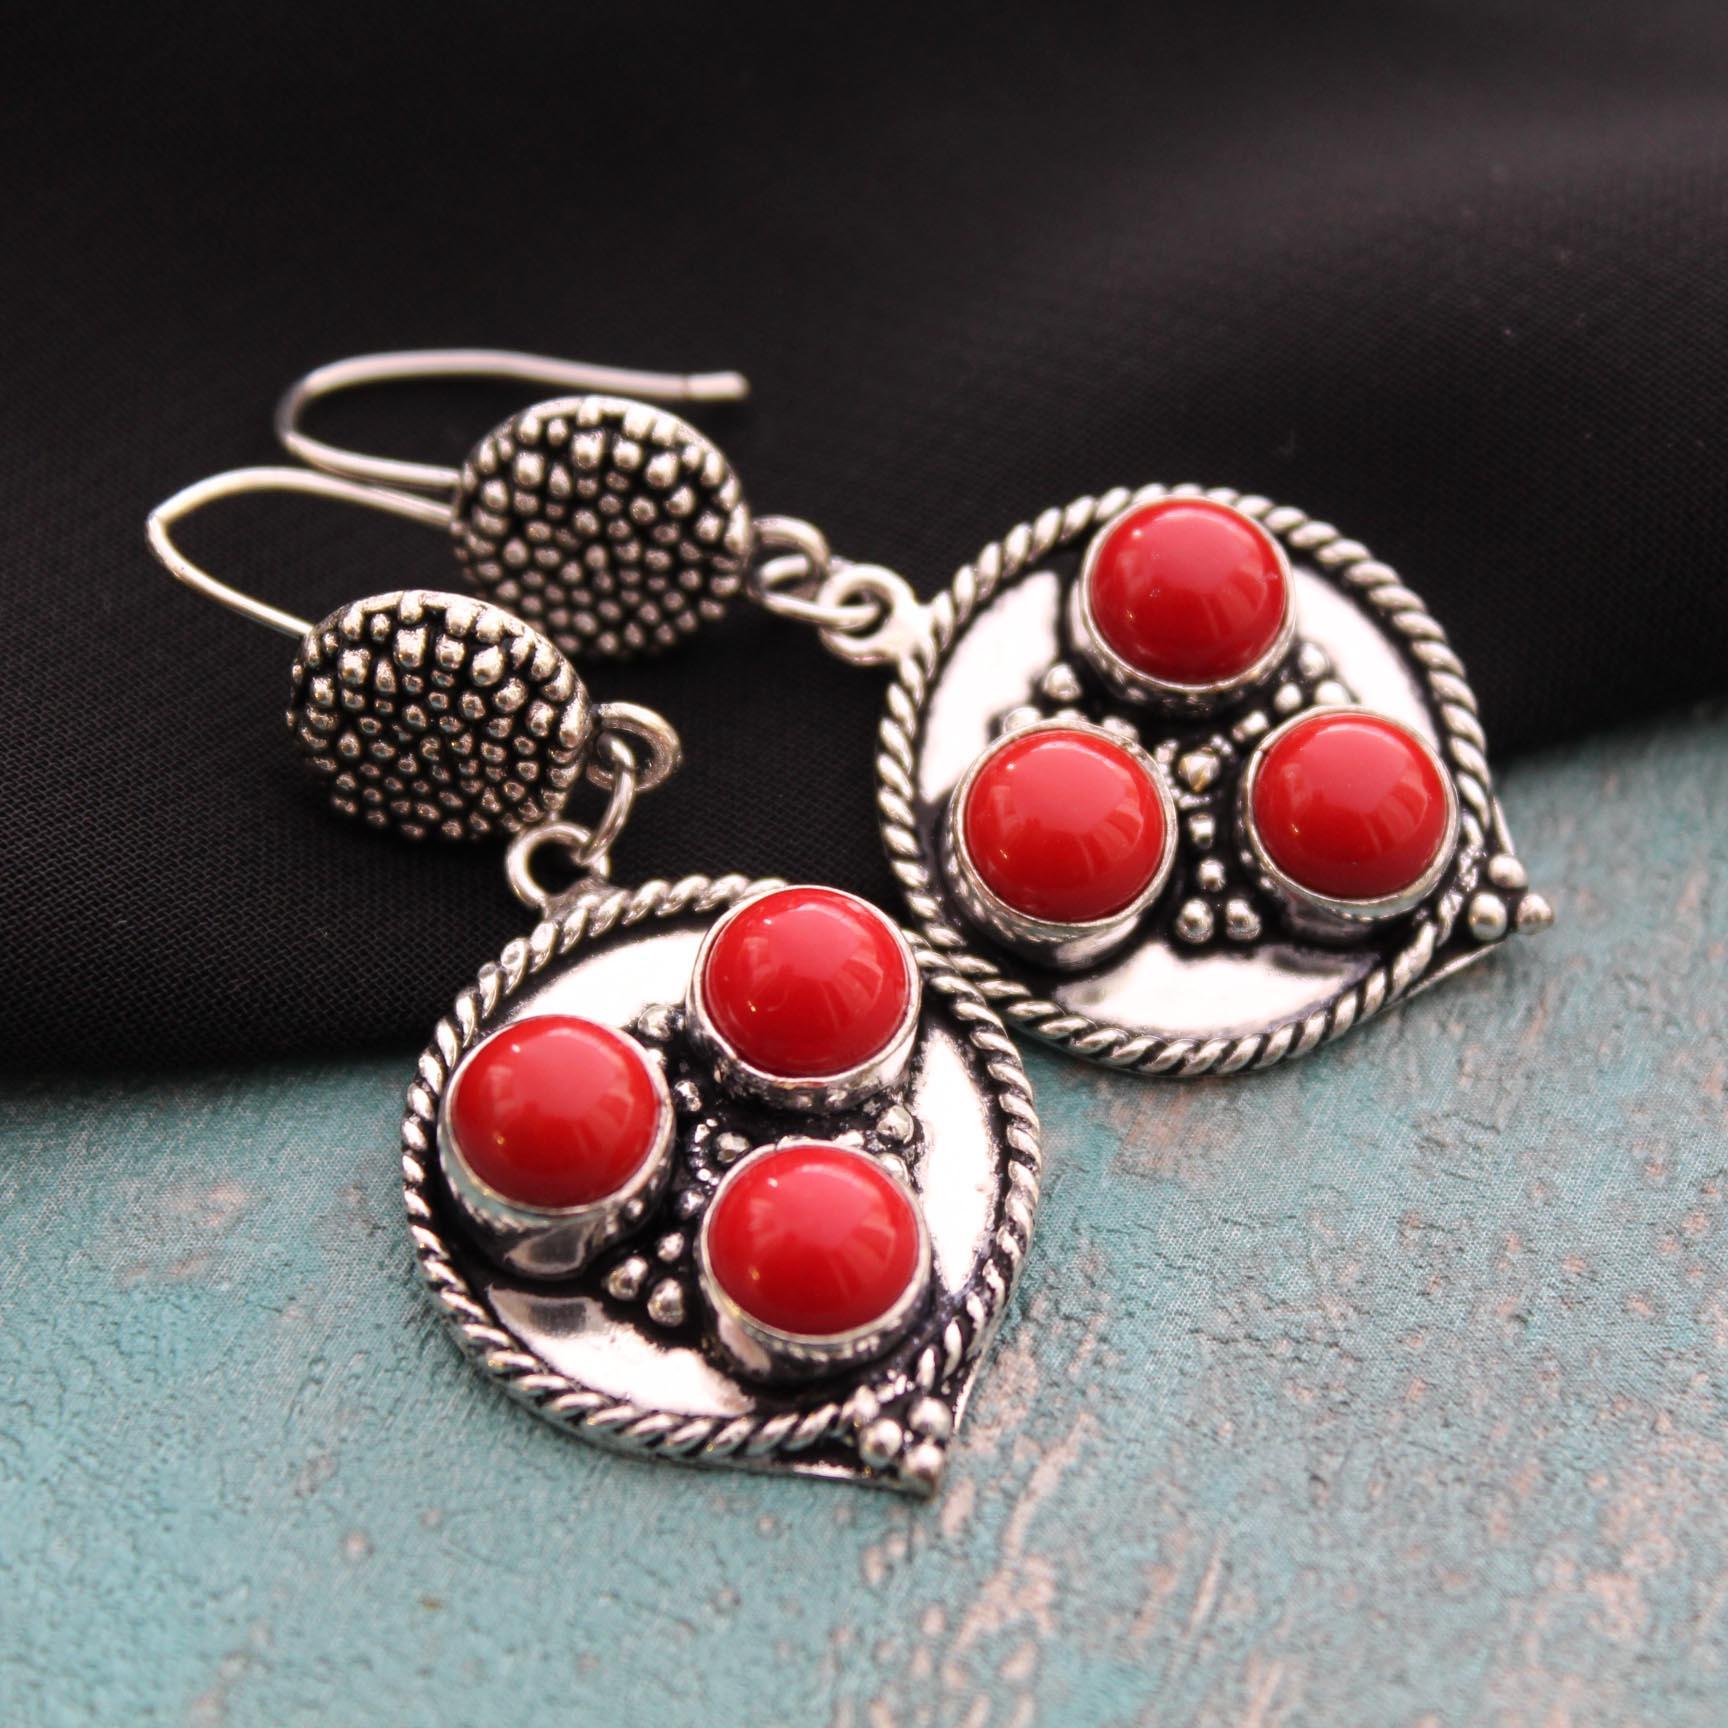 Серебряные украшения из черногории фото